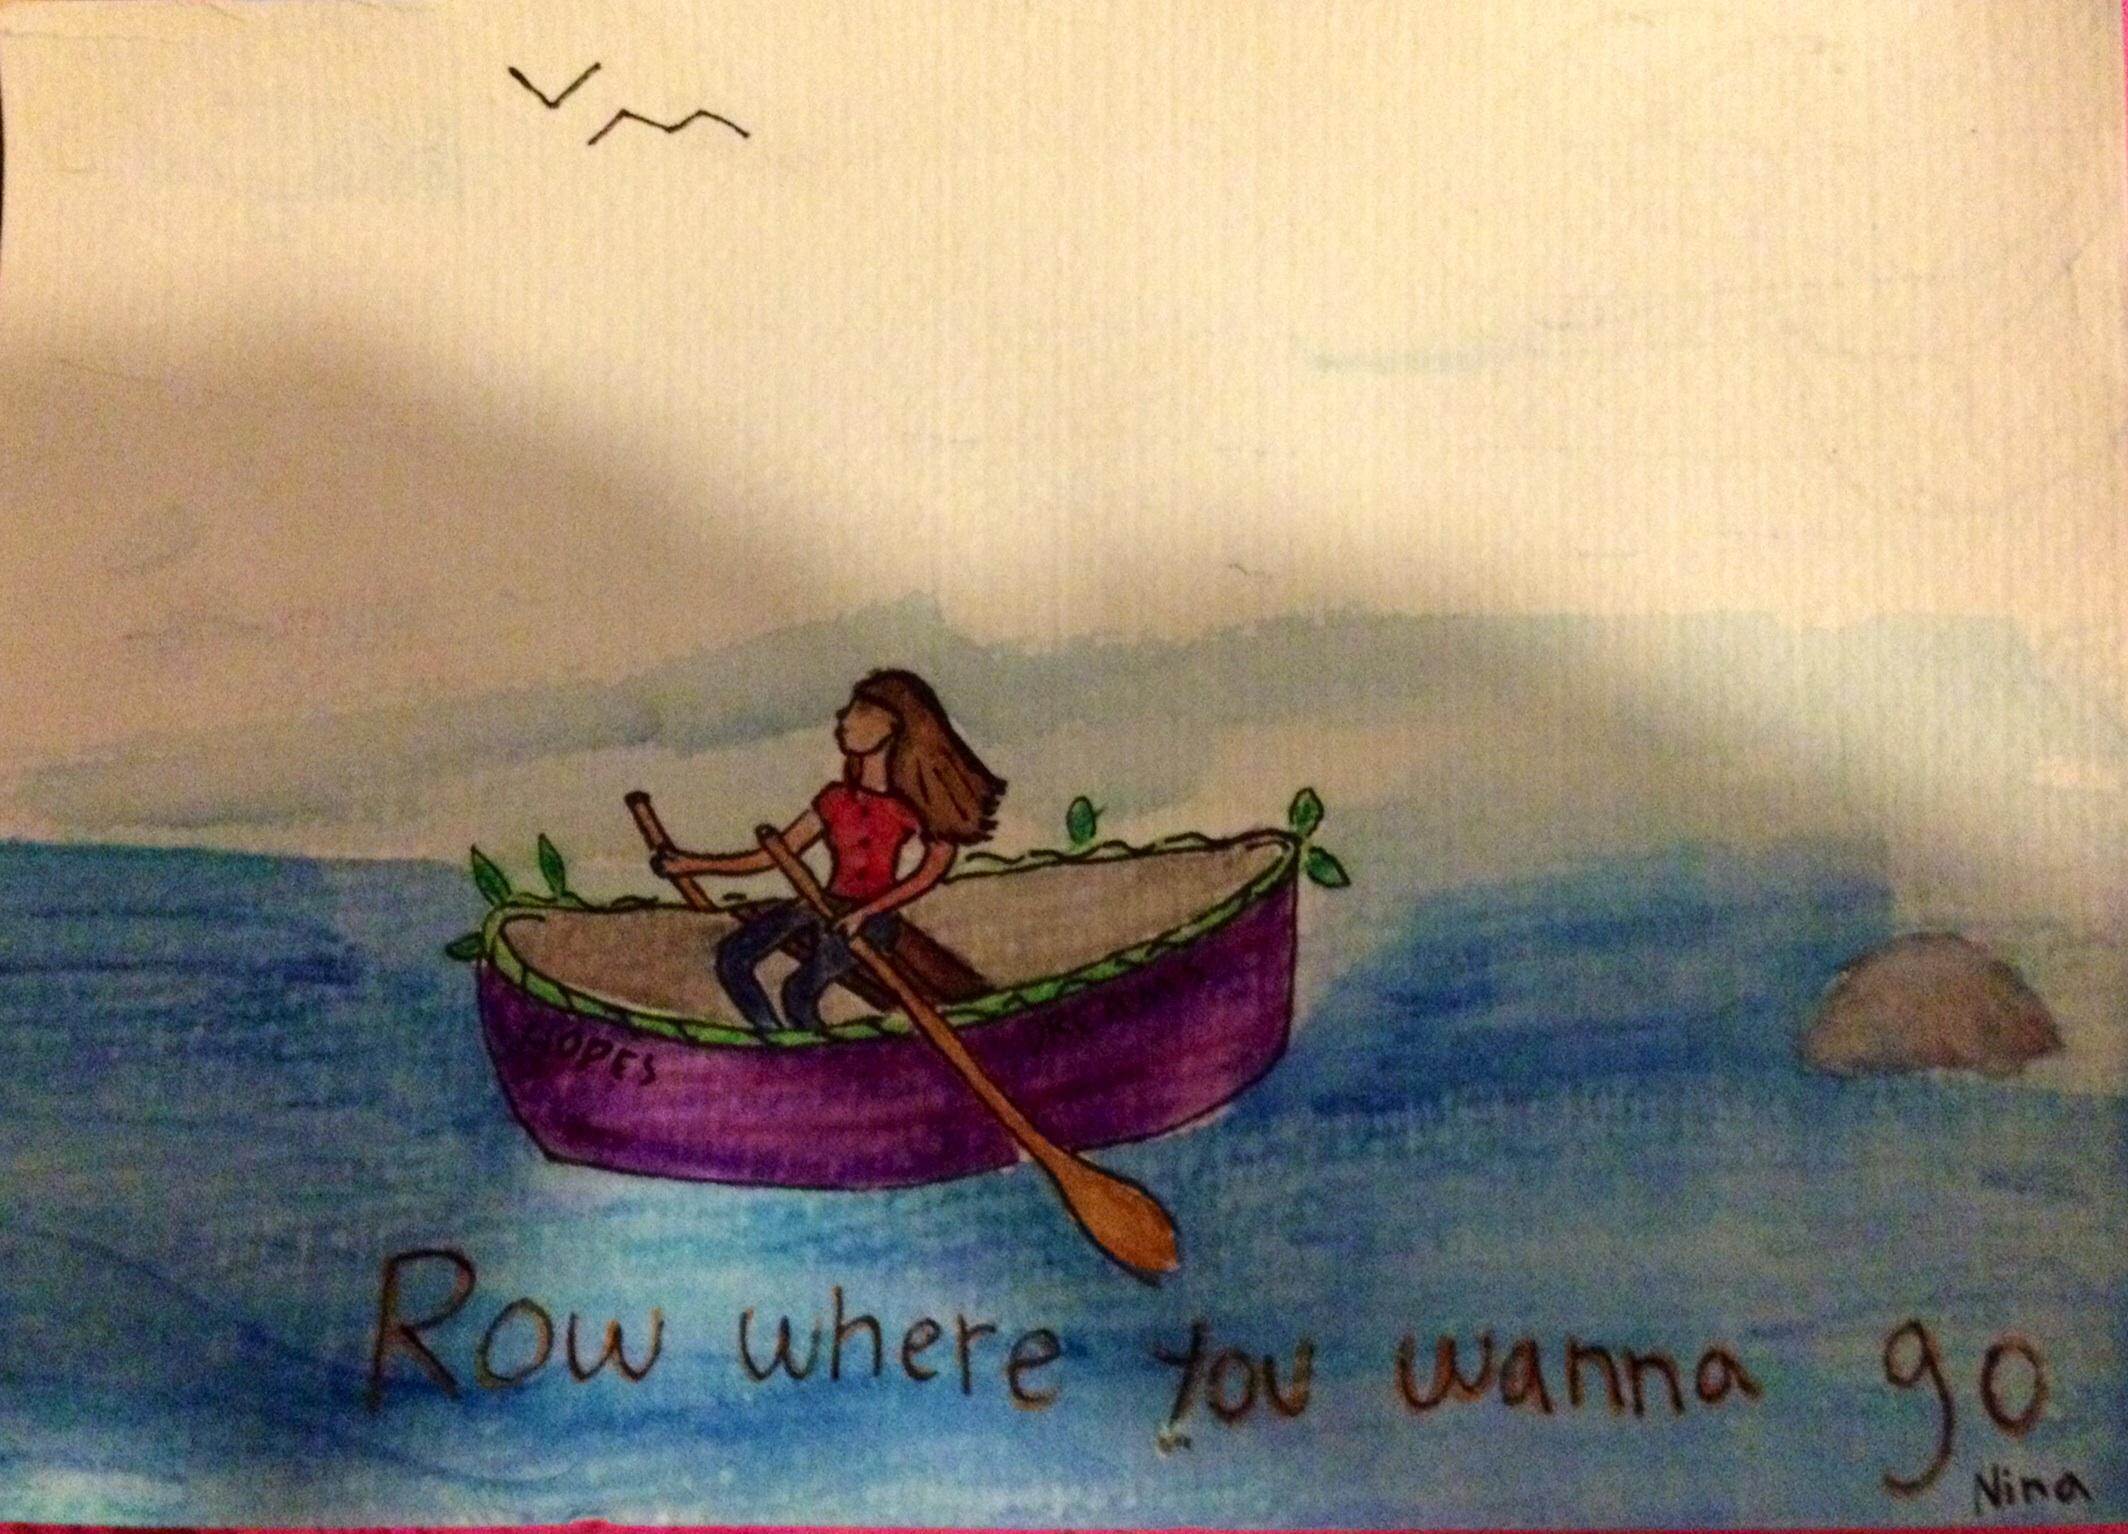 """Row where you wanna go - syftar på att man ska sikta mot sina drömmar! Titeln är inspirerad från Owl Citys låt """"Kamikaze"""" som är väldigt mystisk och som jag därför inte förstår helt. Men en sak vet jag, och det är att låten uppmanar till något viktigt, om att man ska slå tillbaka, och att man ska just  """"row where you wanna go"""" utan att bry sig om vad andra tycker. Tror jag. Låten är i alla fall väldigt bra och teckningen symboliserar mig i min egen metaforiska båt.  Och ja, för de som undrar: jag är ett (stolt) Owl City- fan! ;)"""